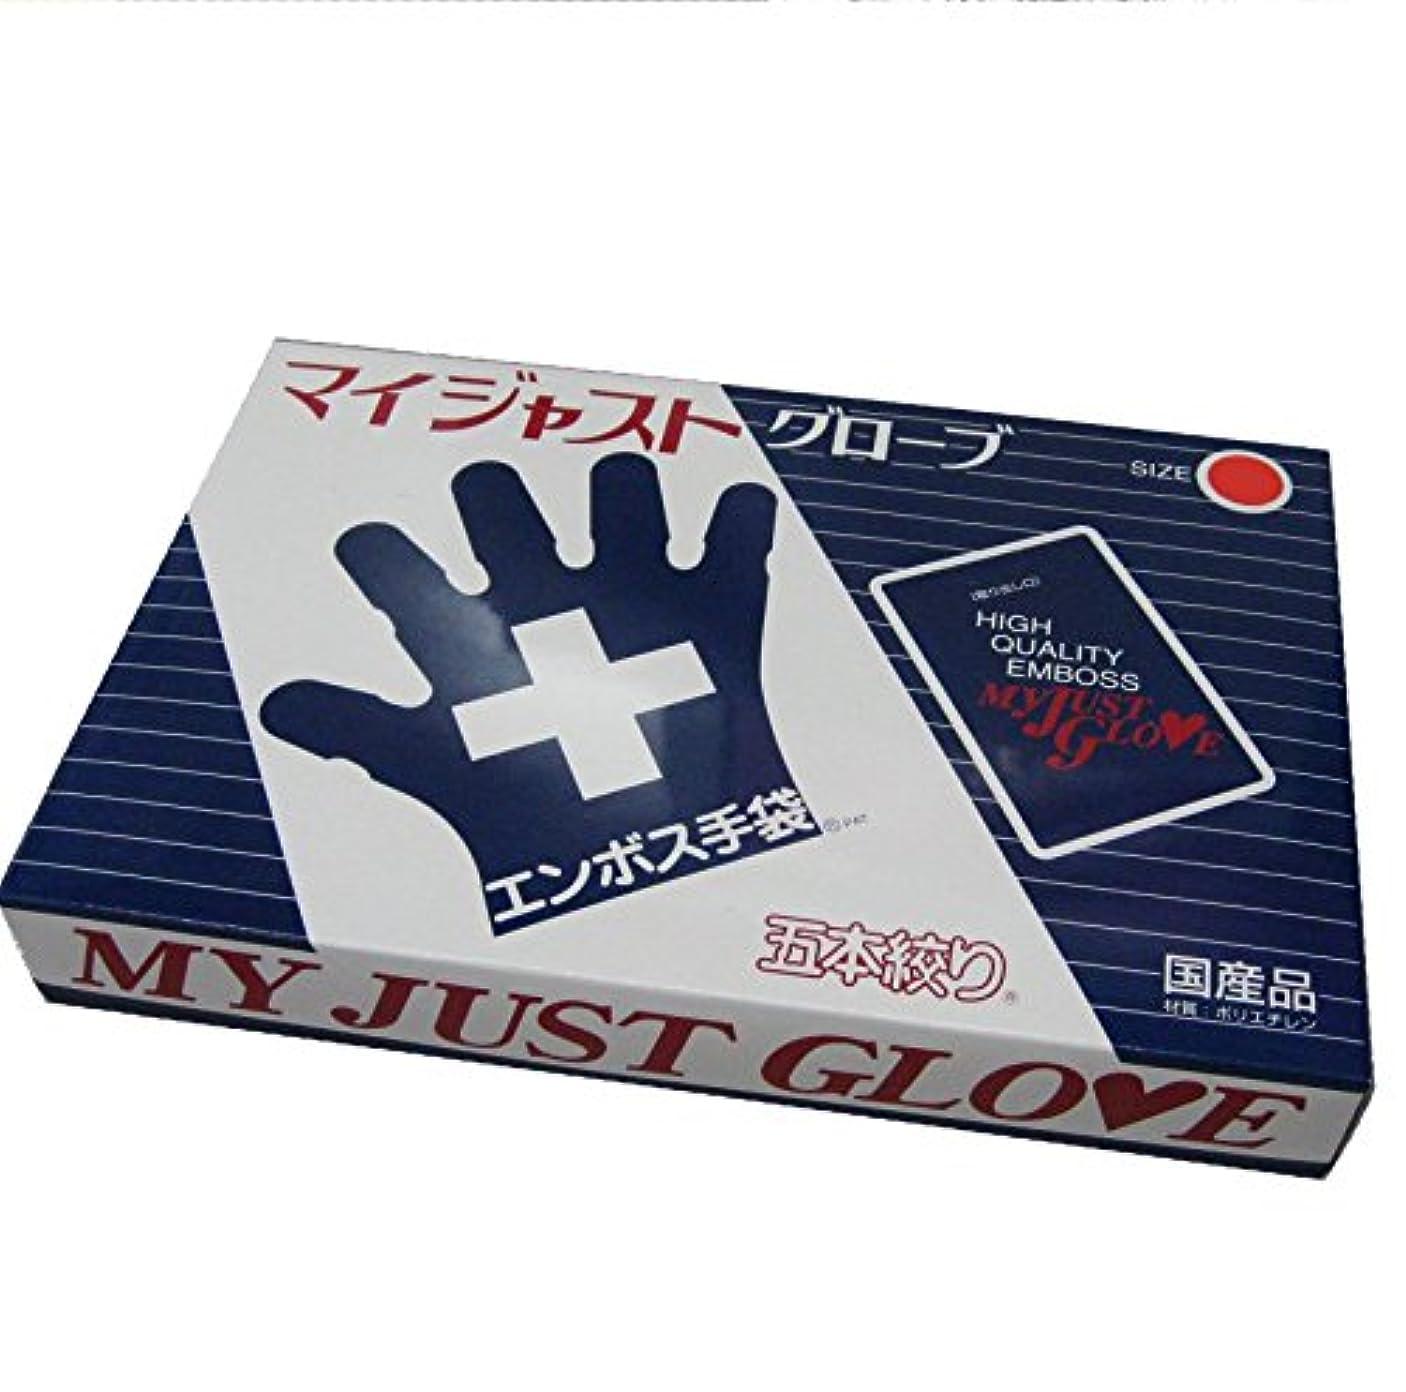 焼くそれにもかかわらず誘うエンボス手袋 マイジャストグローブ五本絞り 200枚入 Mサイズ 化粧箱